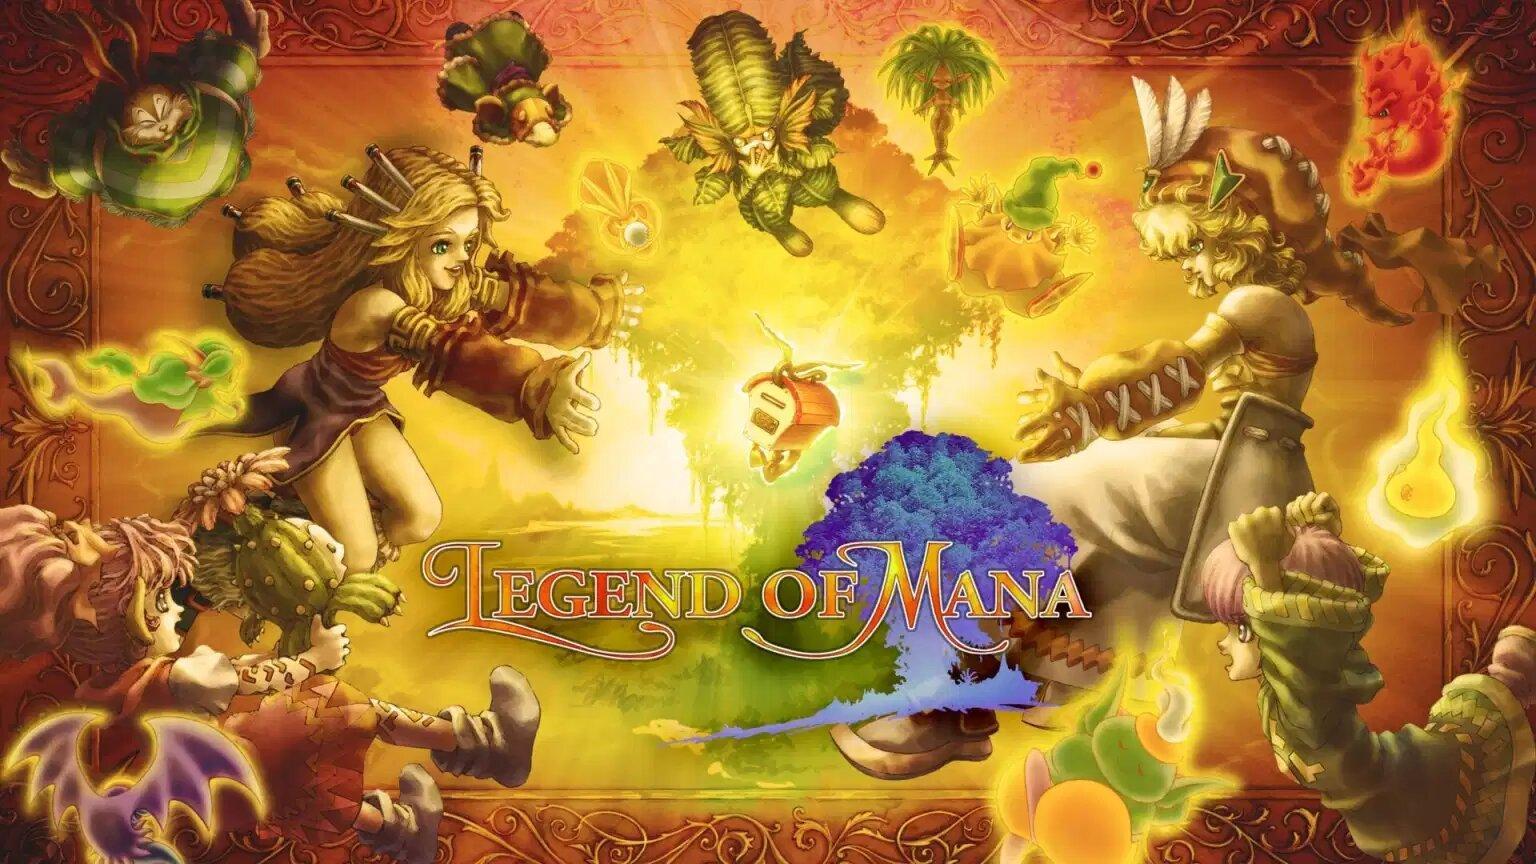 Legend of Mana – стали известны подробности приключения, премьера которого состоится 24 июня 2